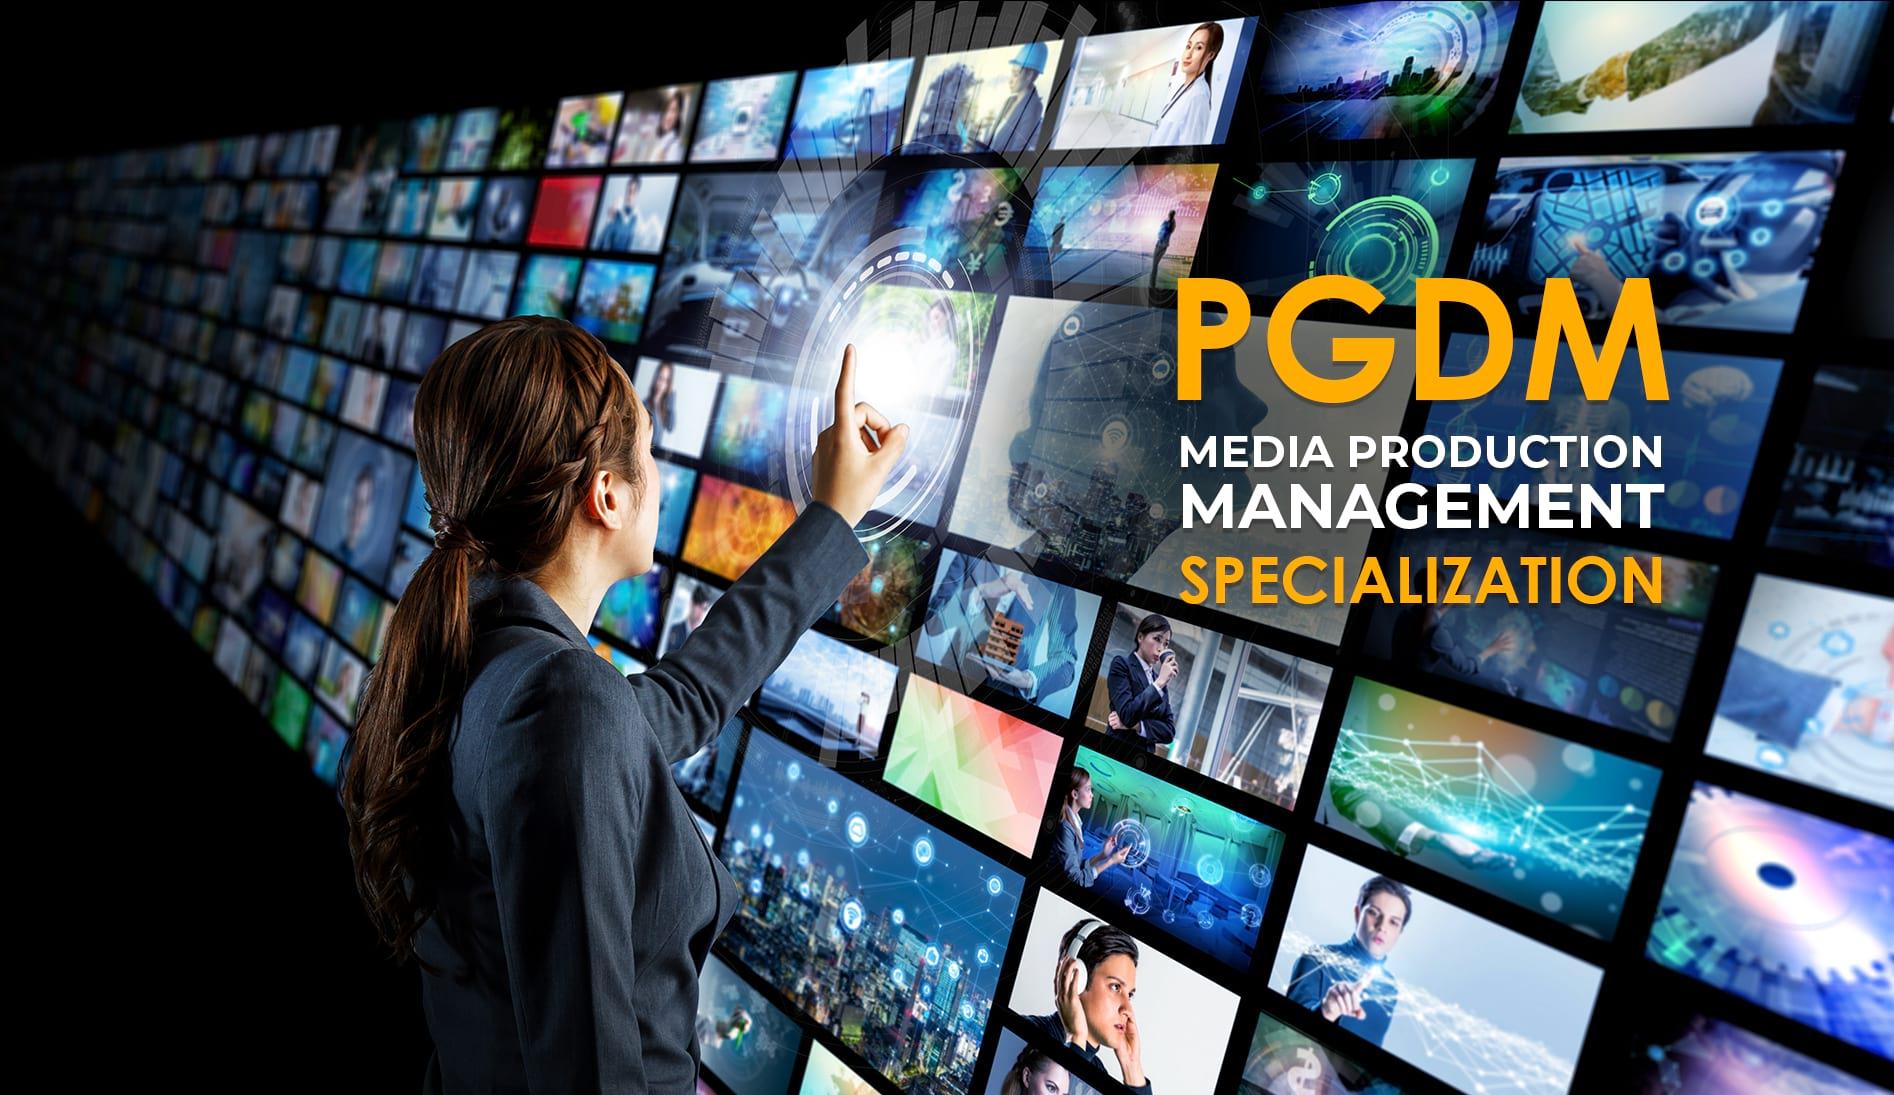 Media Production Management Course